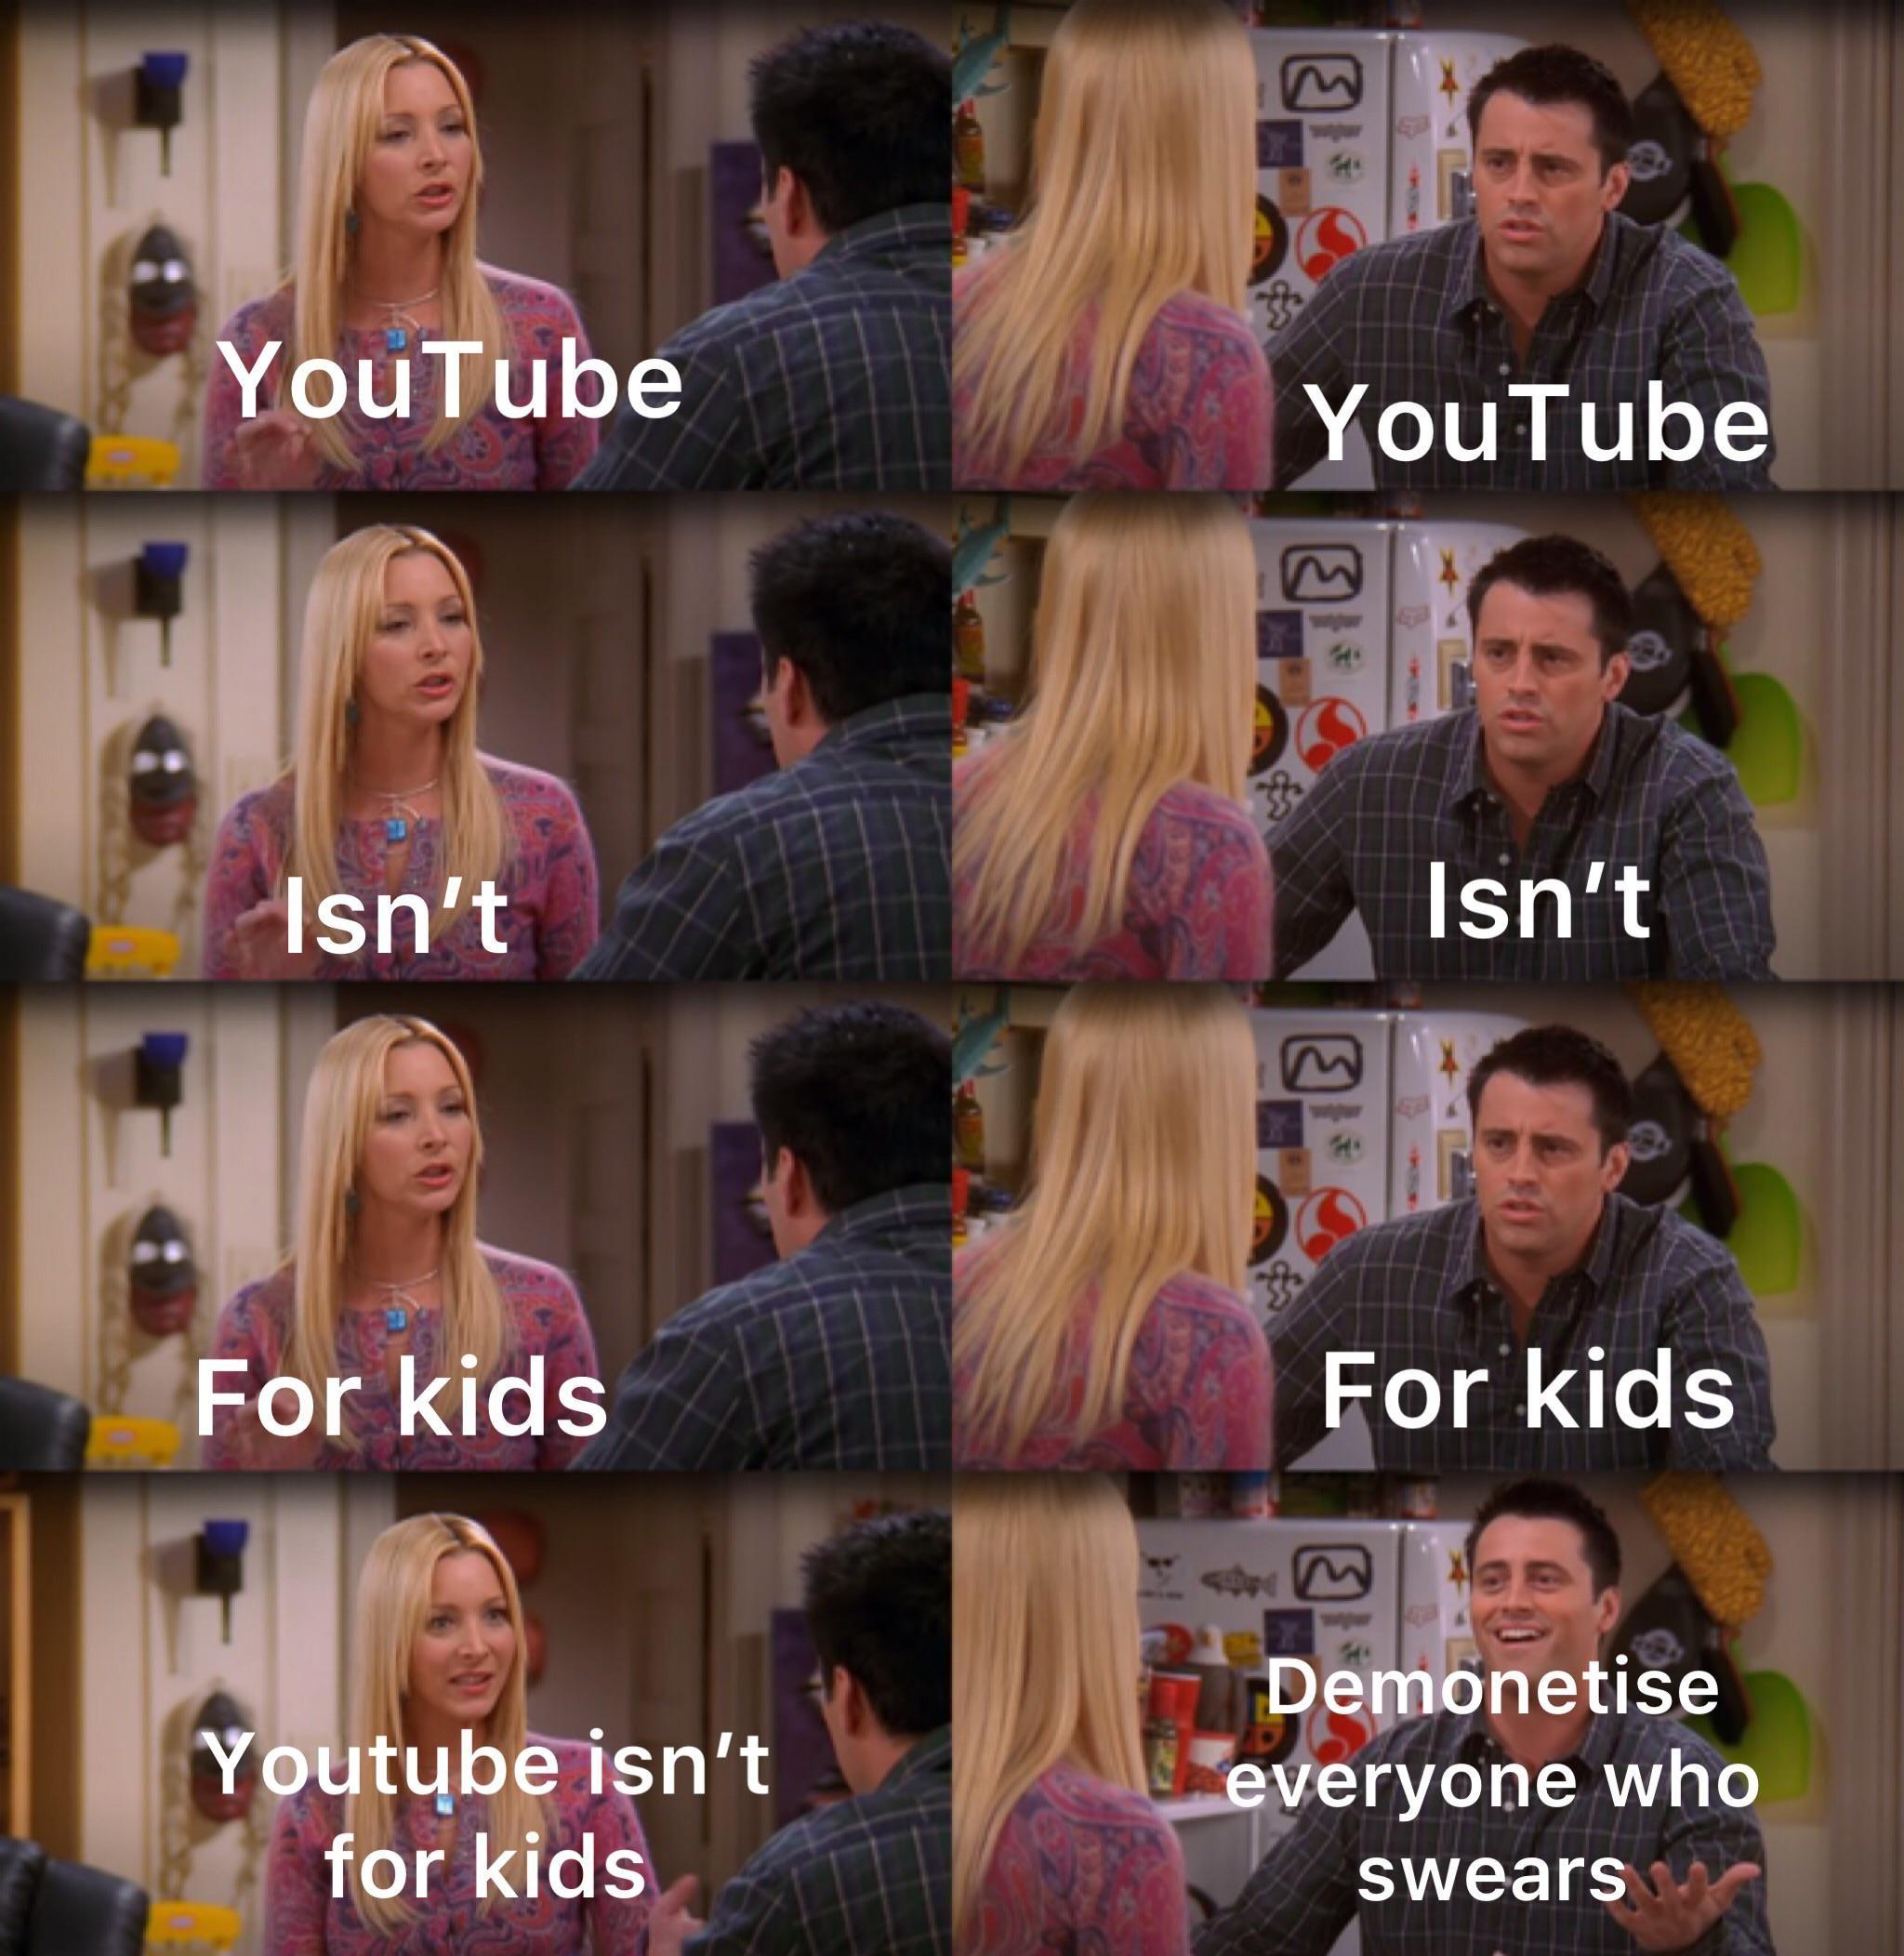 YouTube is broken